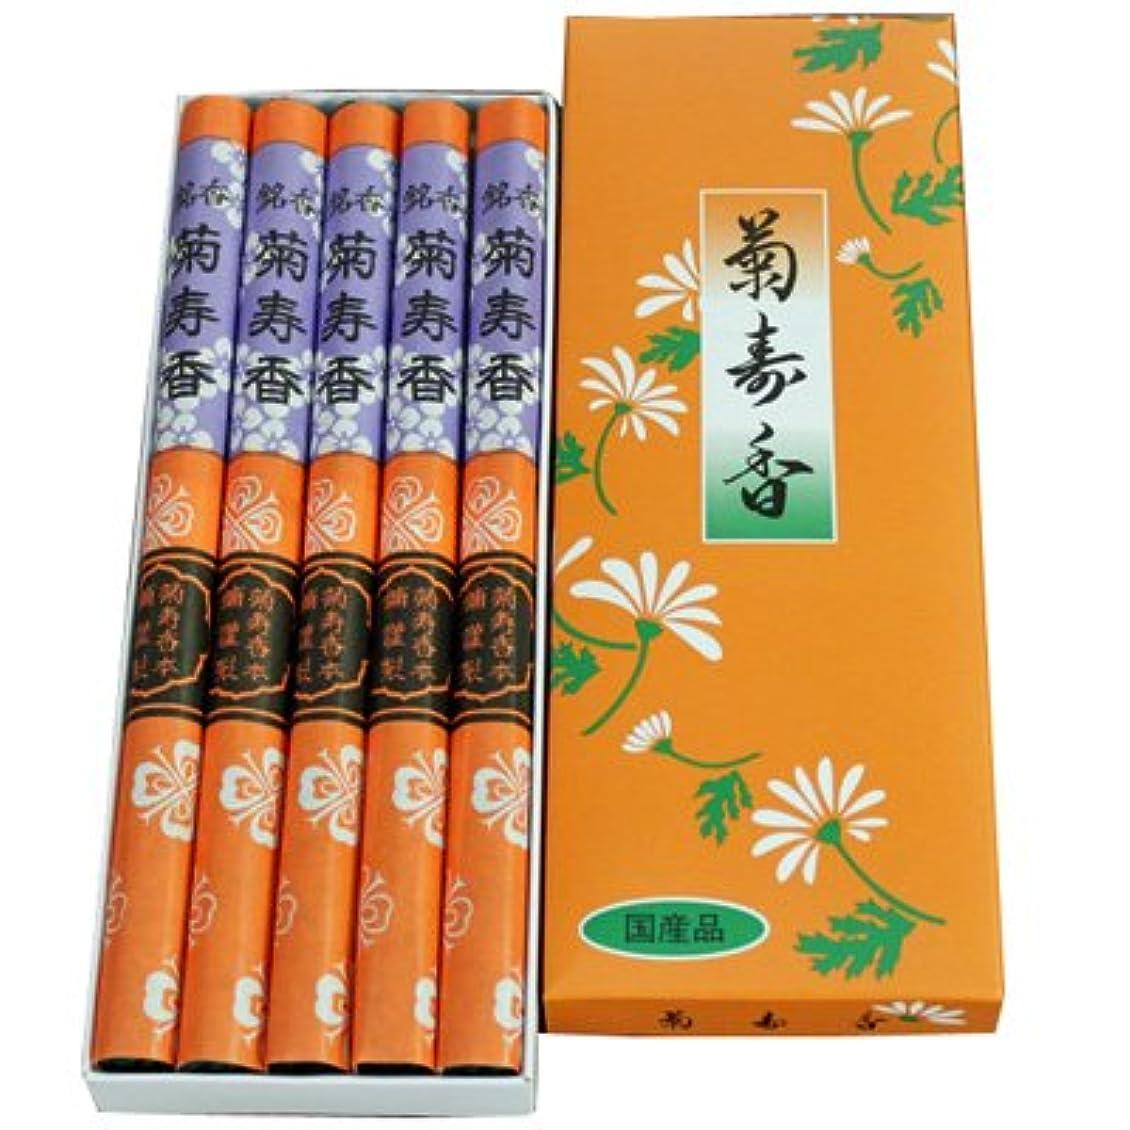 ヶ月目グレード菊寿香(5把入り) 長いお線香 杉線香